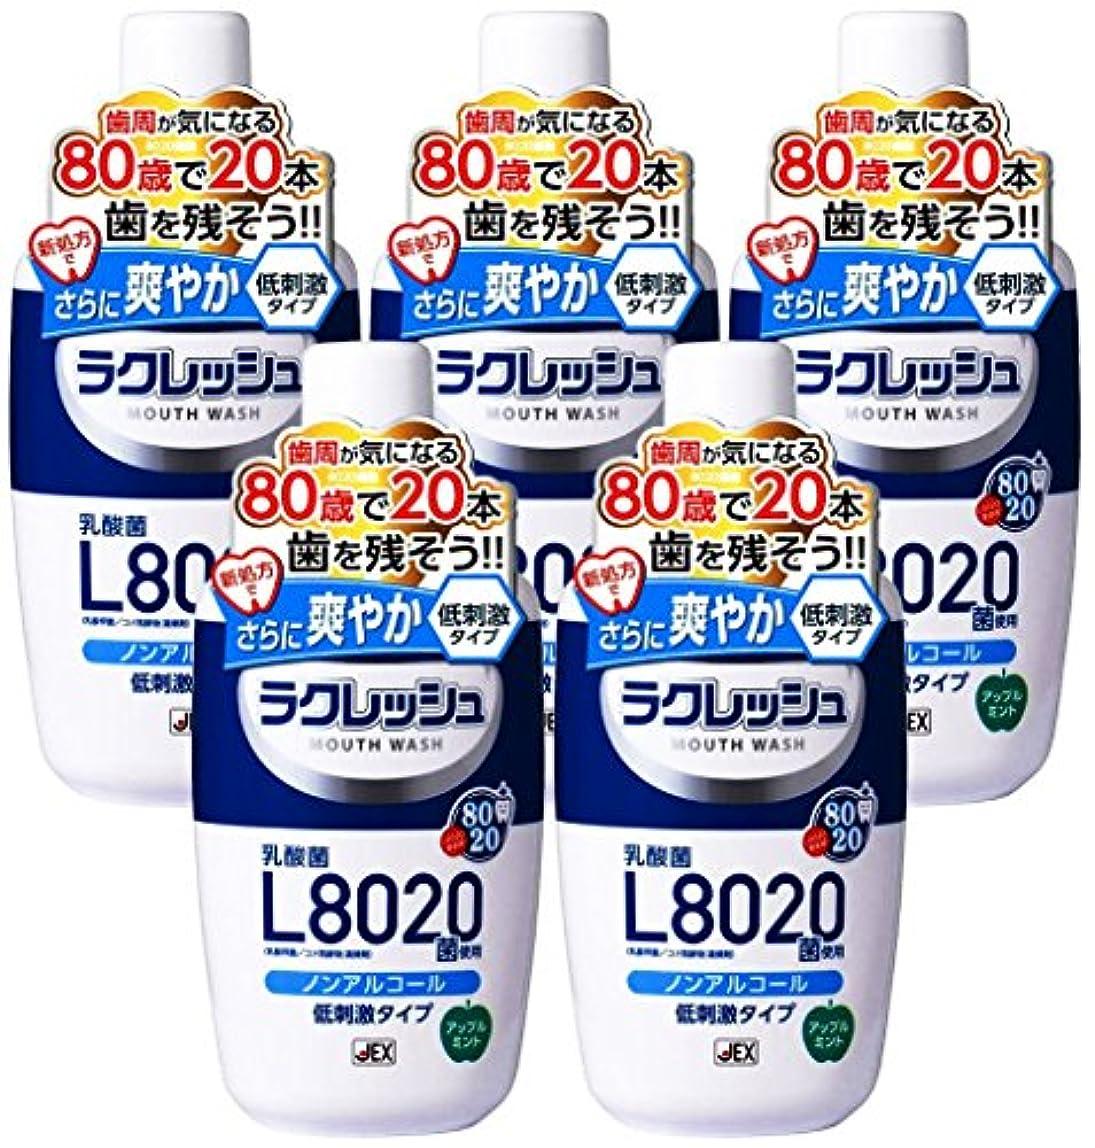 上にスピン日の出ラクレッシュ L8020菌 マウスウォッシュ 5本セット